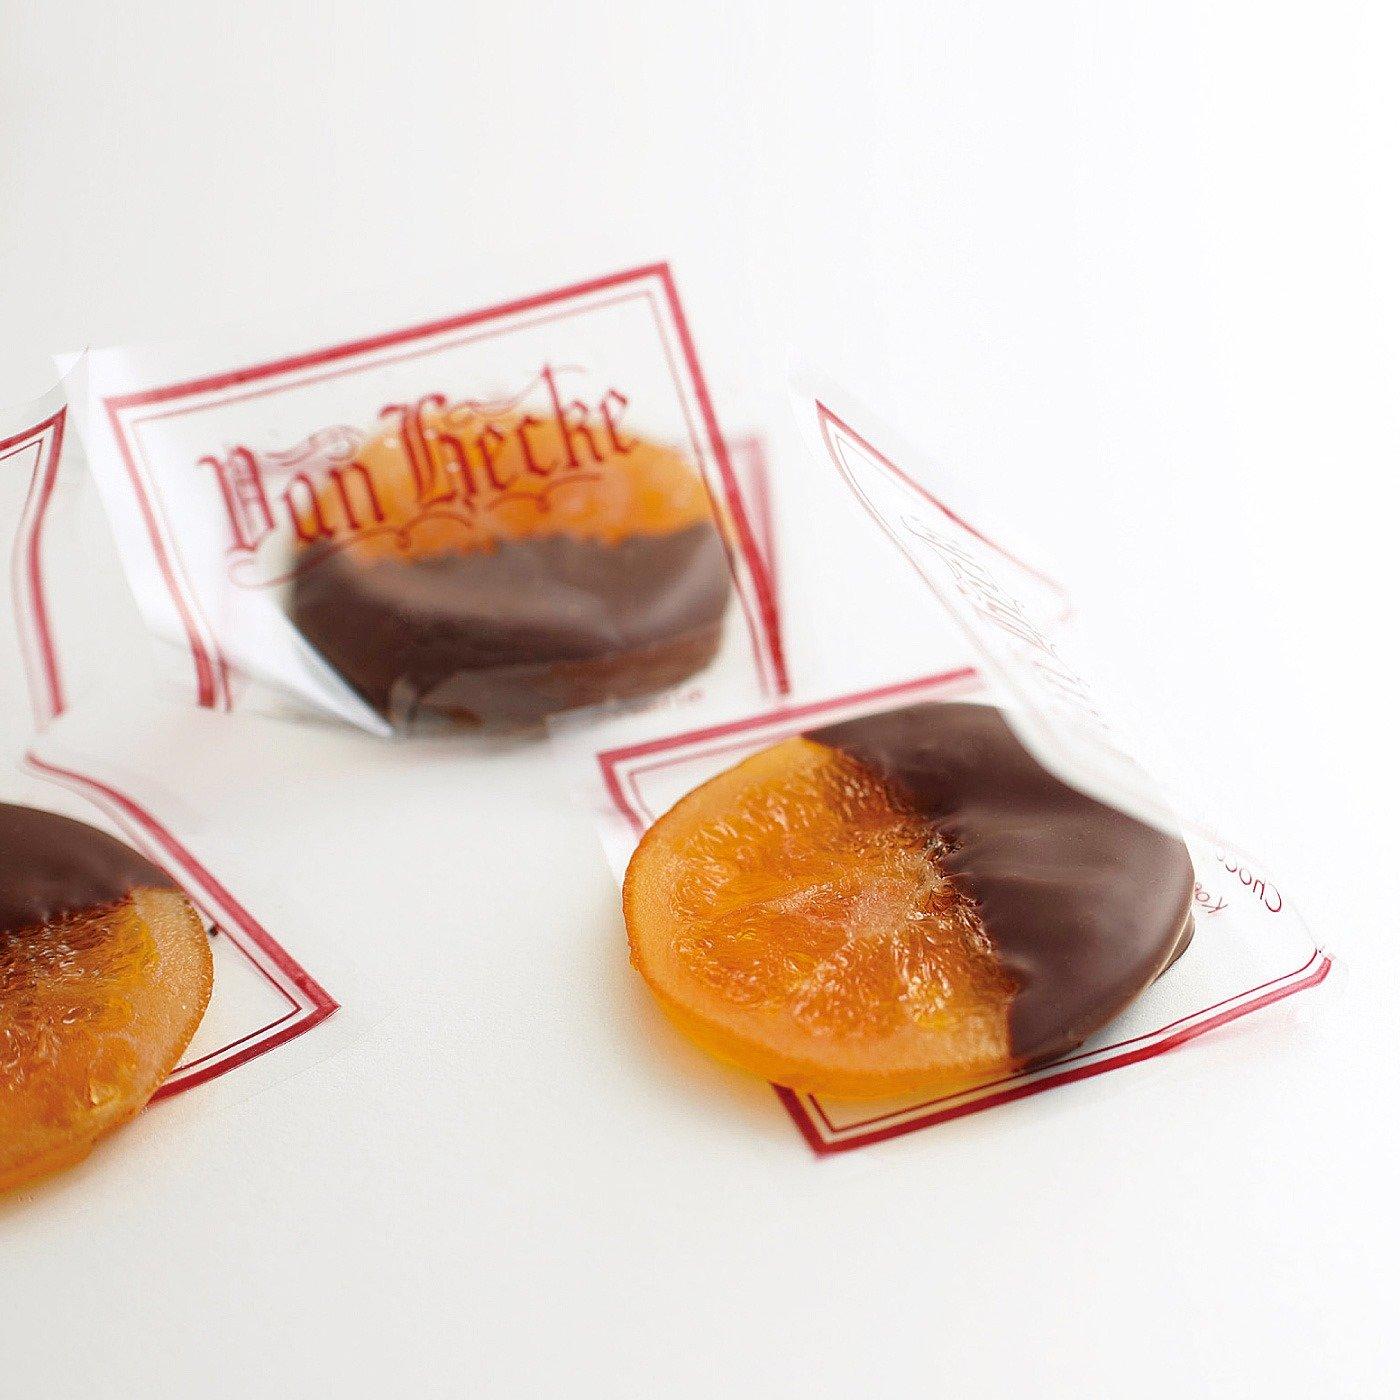 【バレンタインお届け】バン ヘッケ オレンジピールチョコ